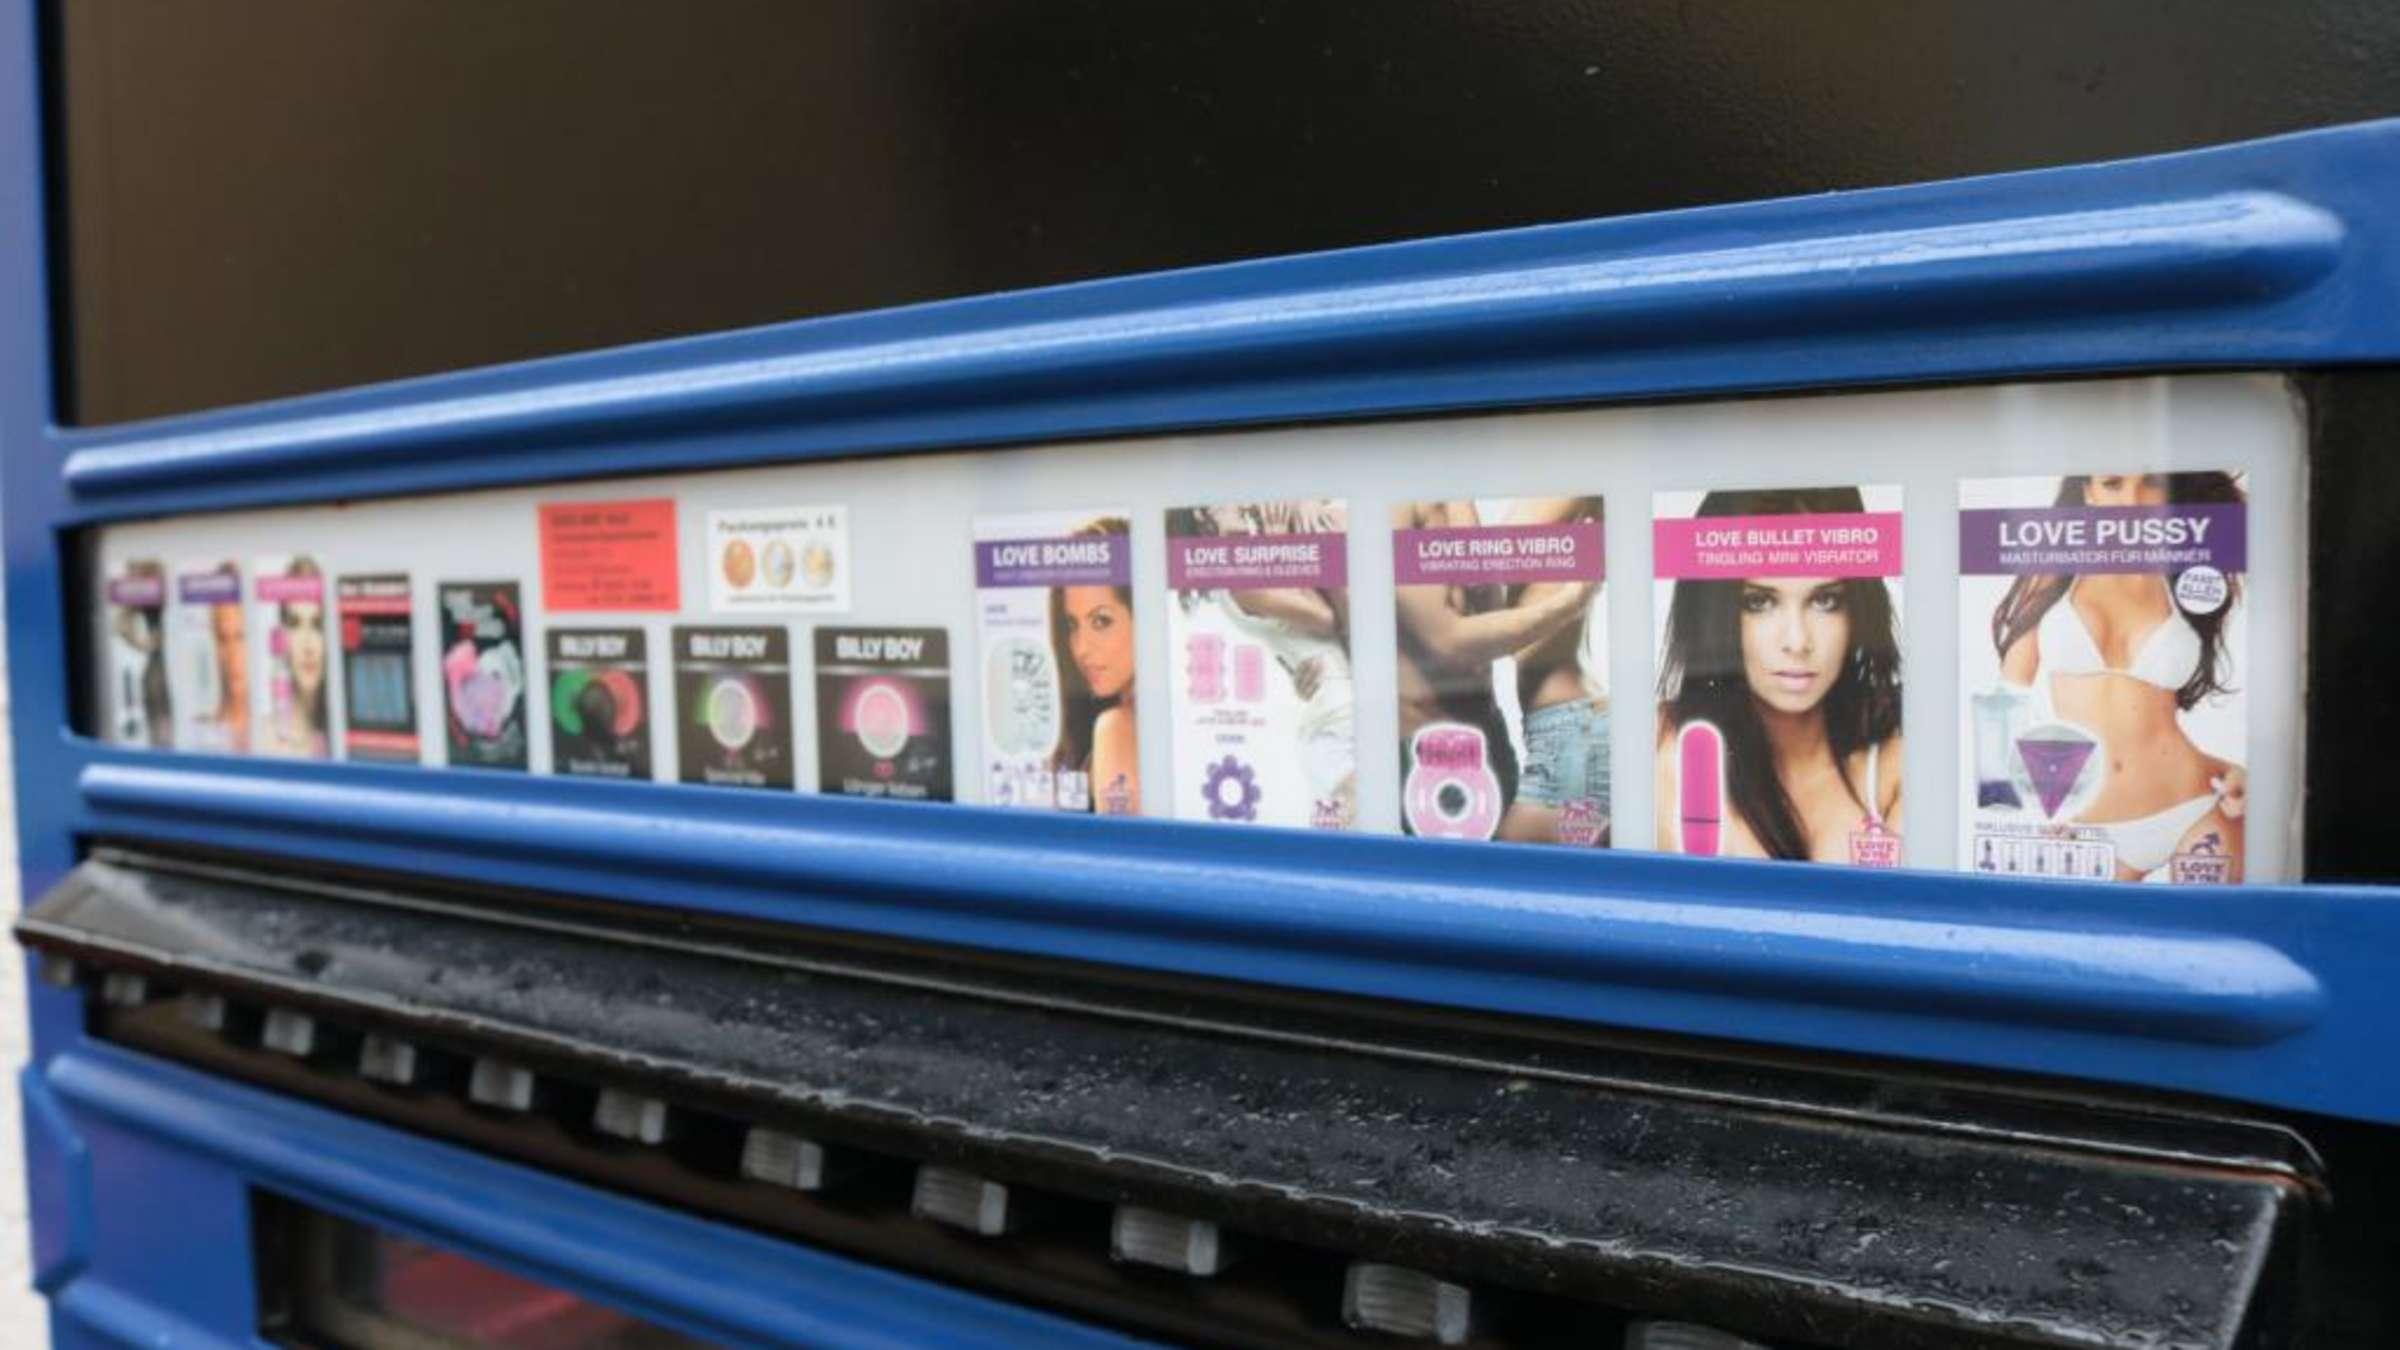 Kondomautomat in der nähe